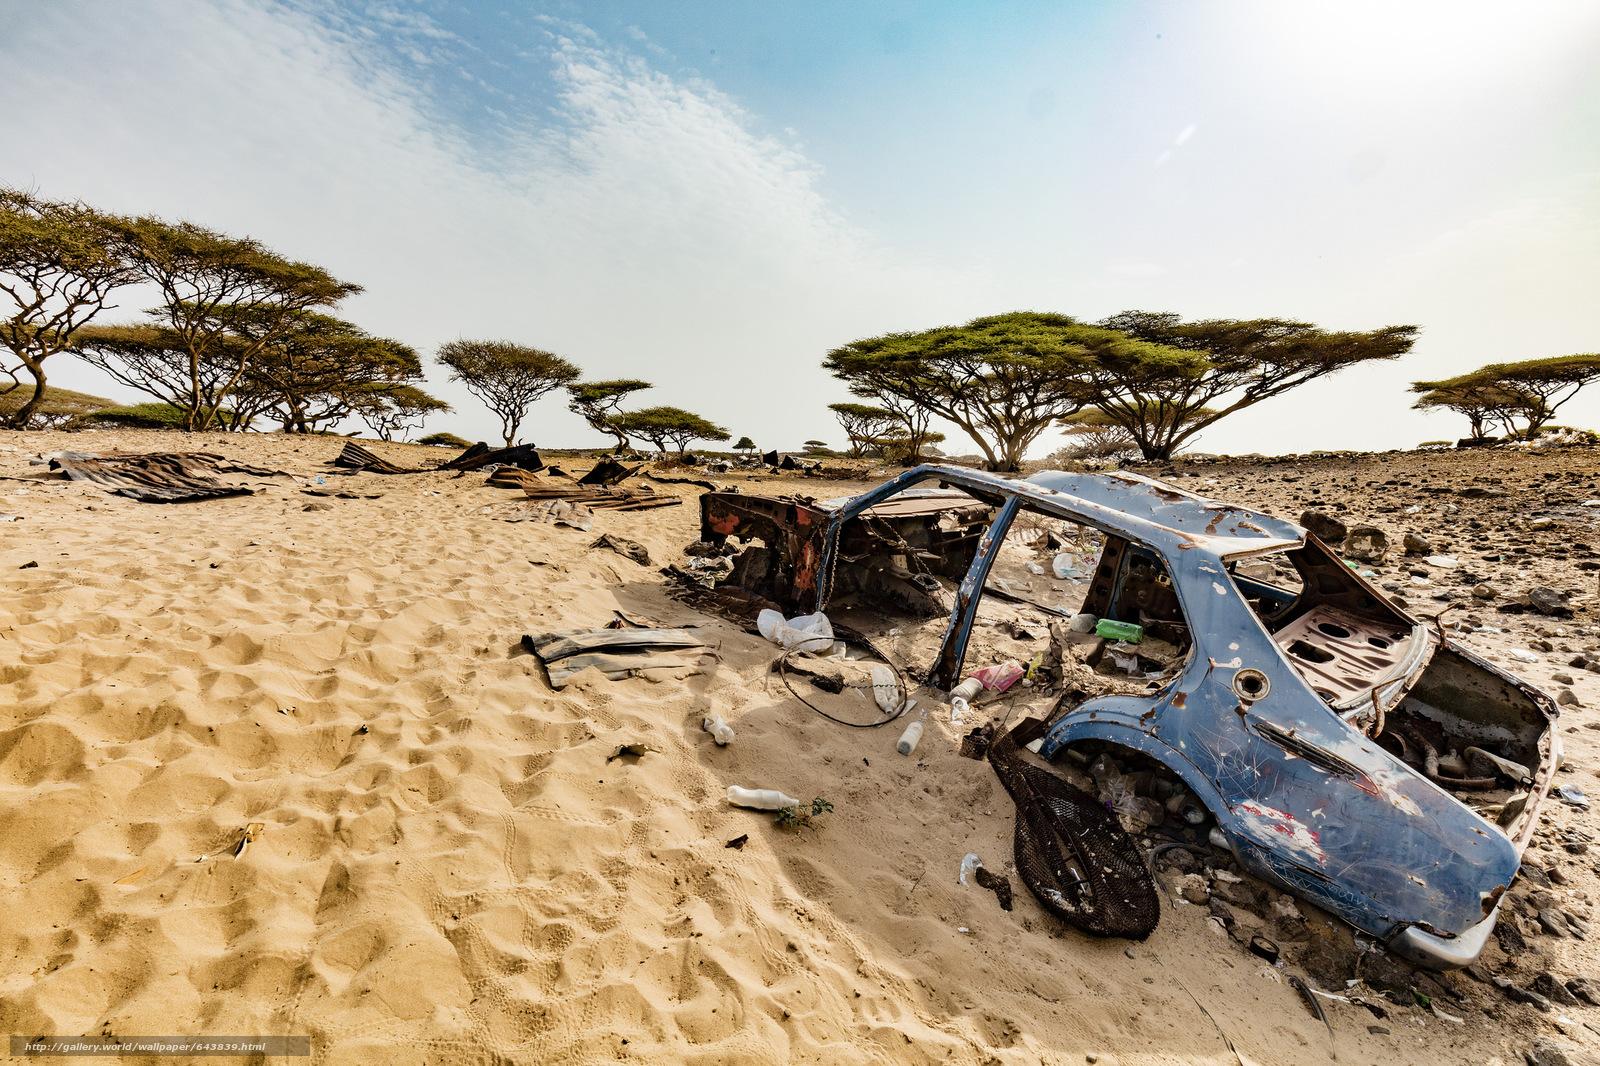 Скачать обои Пустыня,  песок,  деревья,  небо бесплатно для рабочего стола в разрешении 2048x1365 — картинка №643839